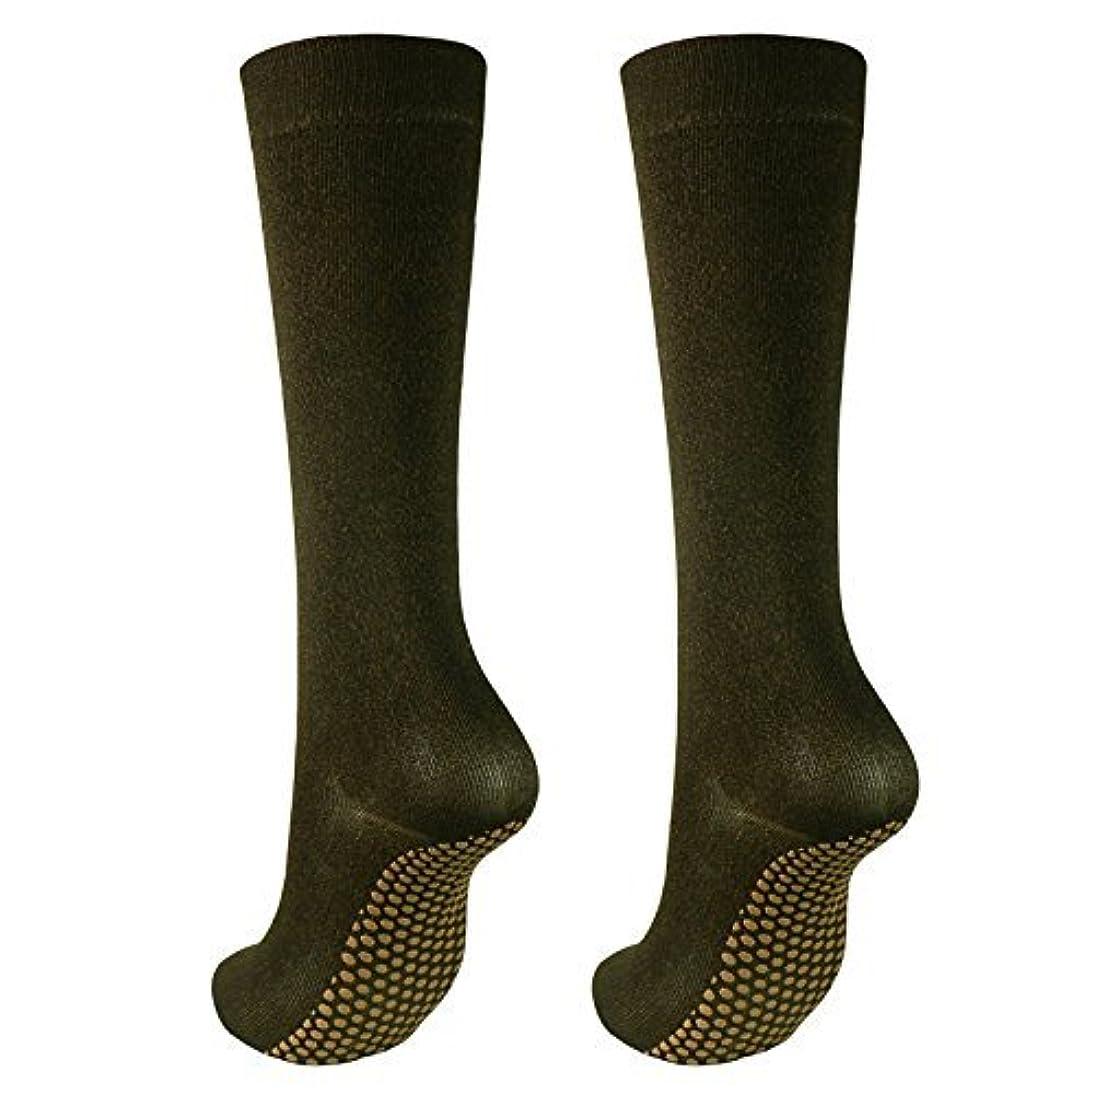 誓い北西郵便局銅繊維靴下「足もとはいつも青春」ハイソックスタイプ2足セット?静電気対策にも